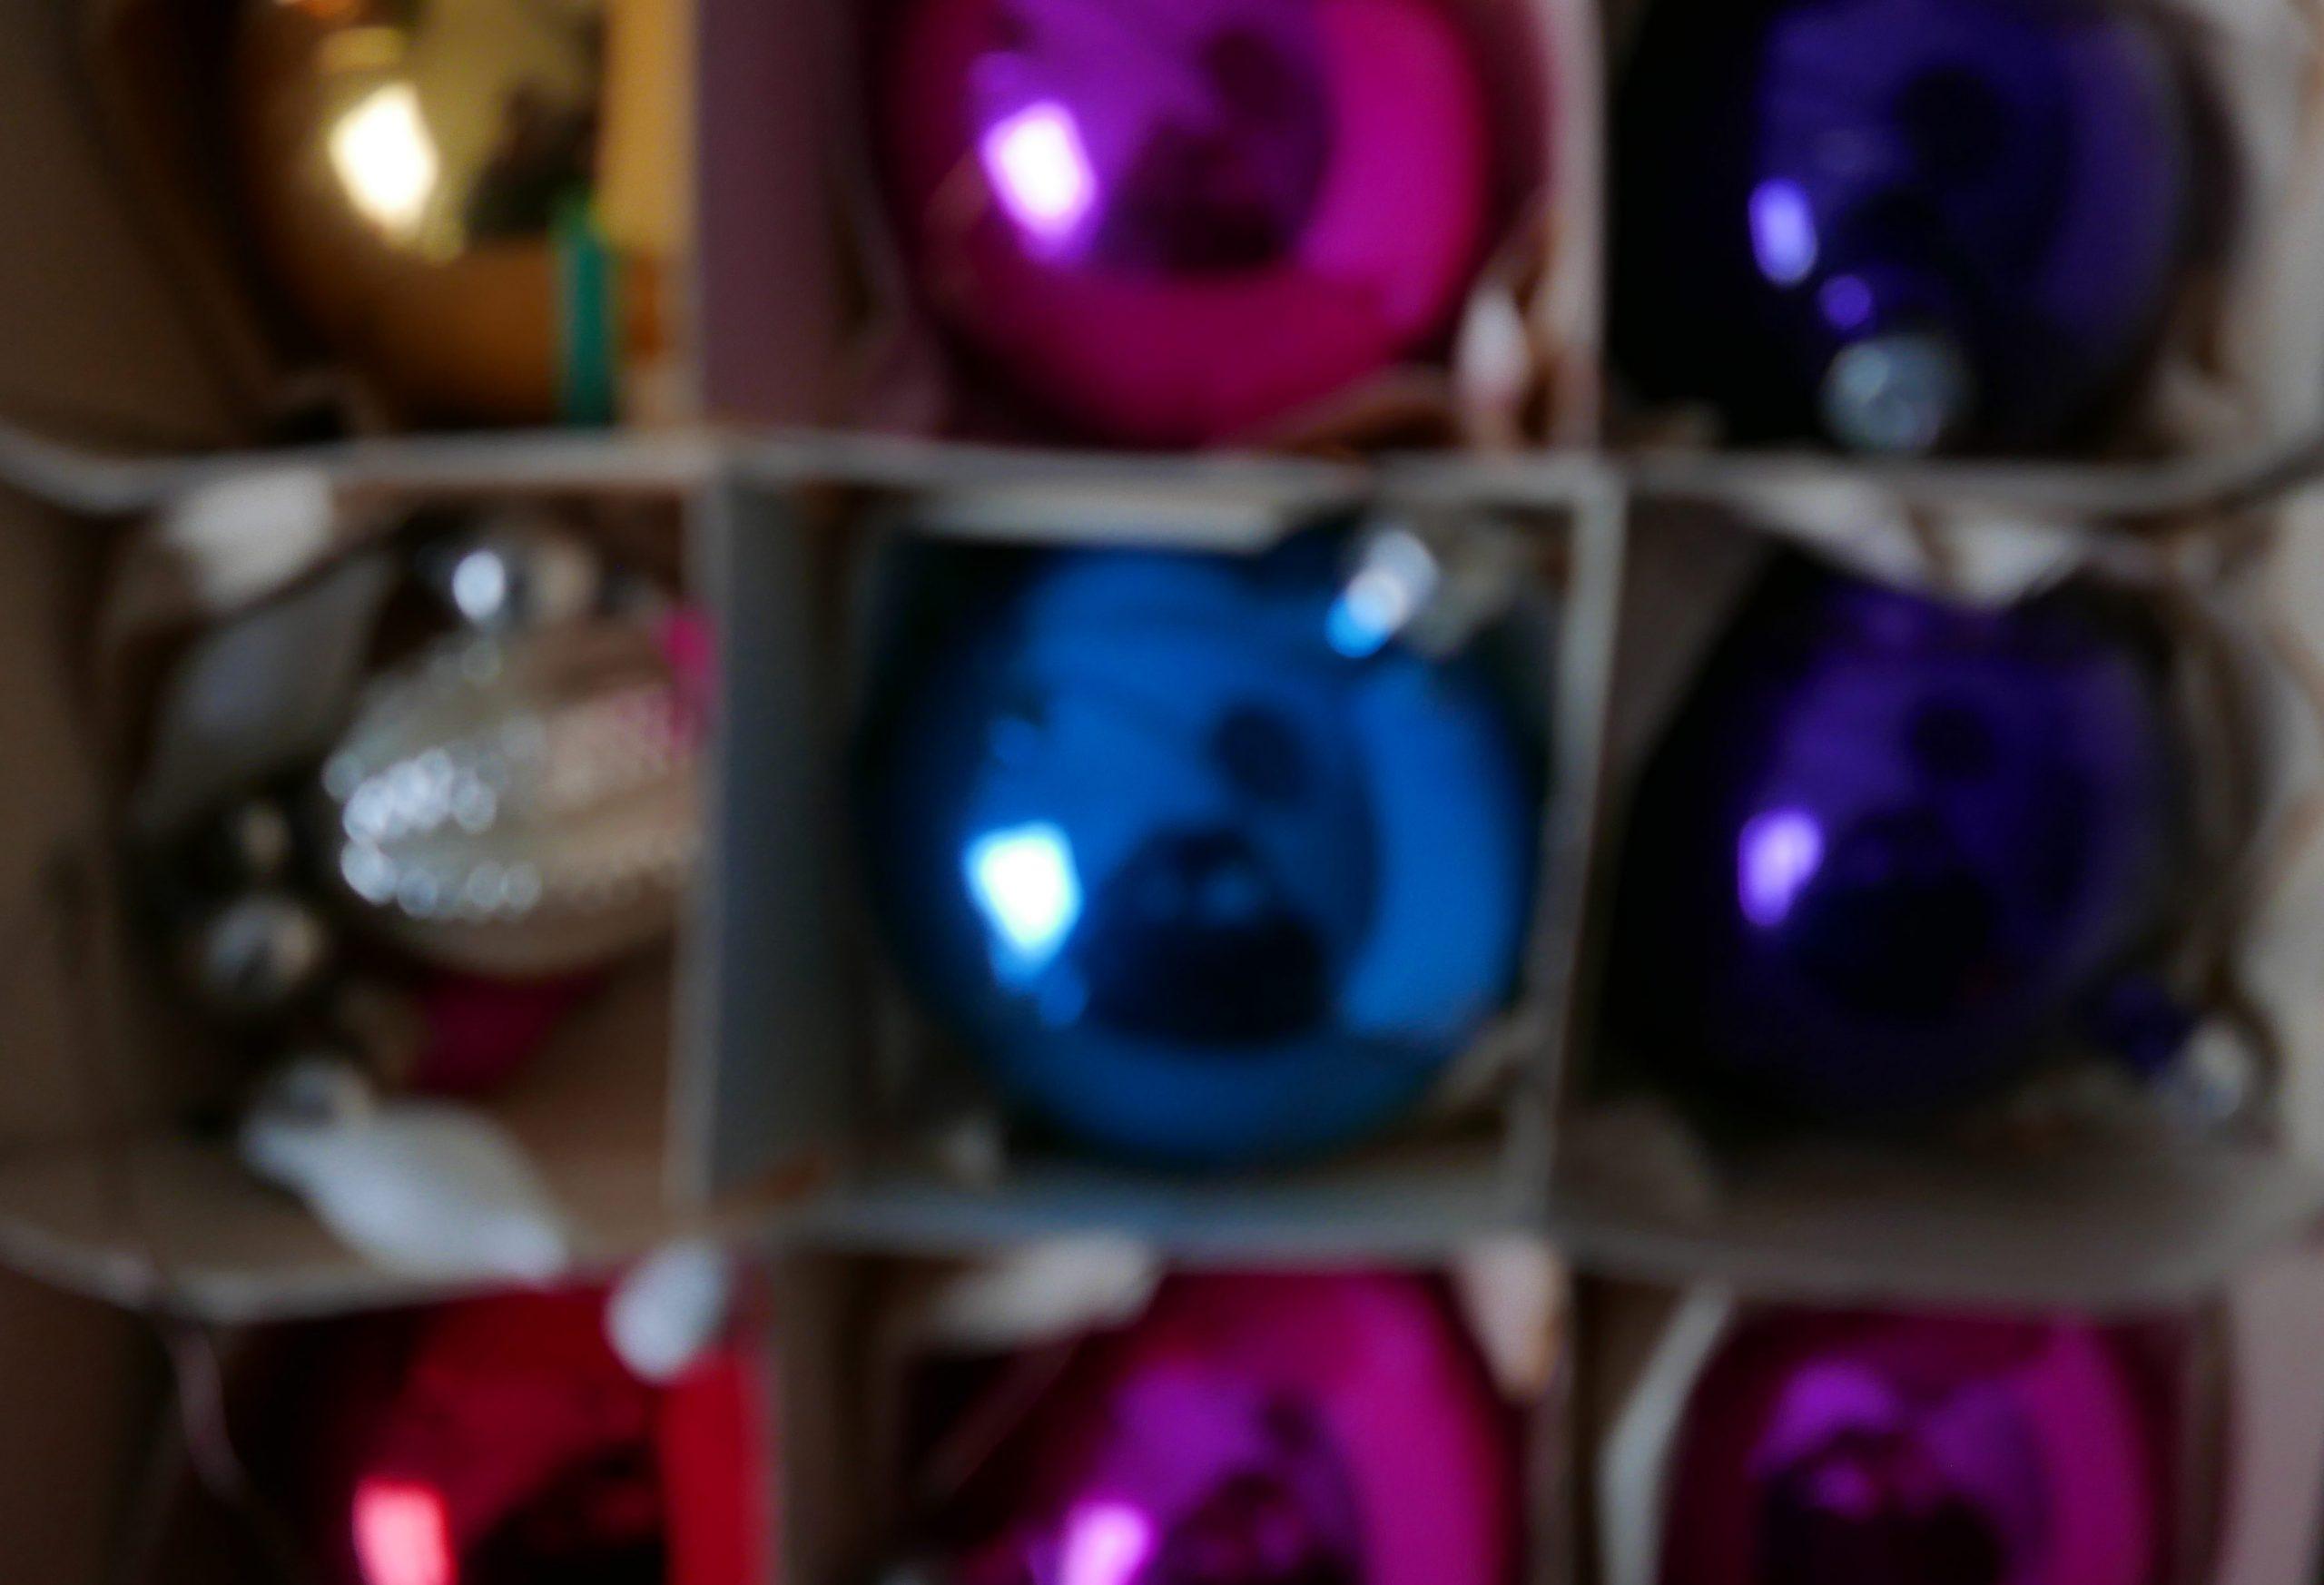 Bunte Weihnachtskugeln im Karton